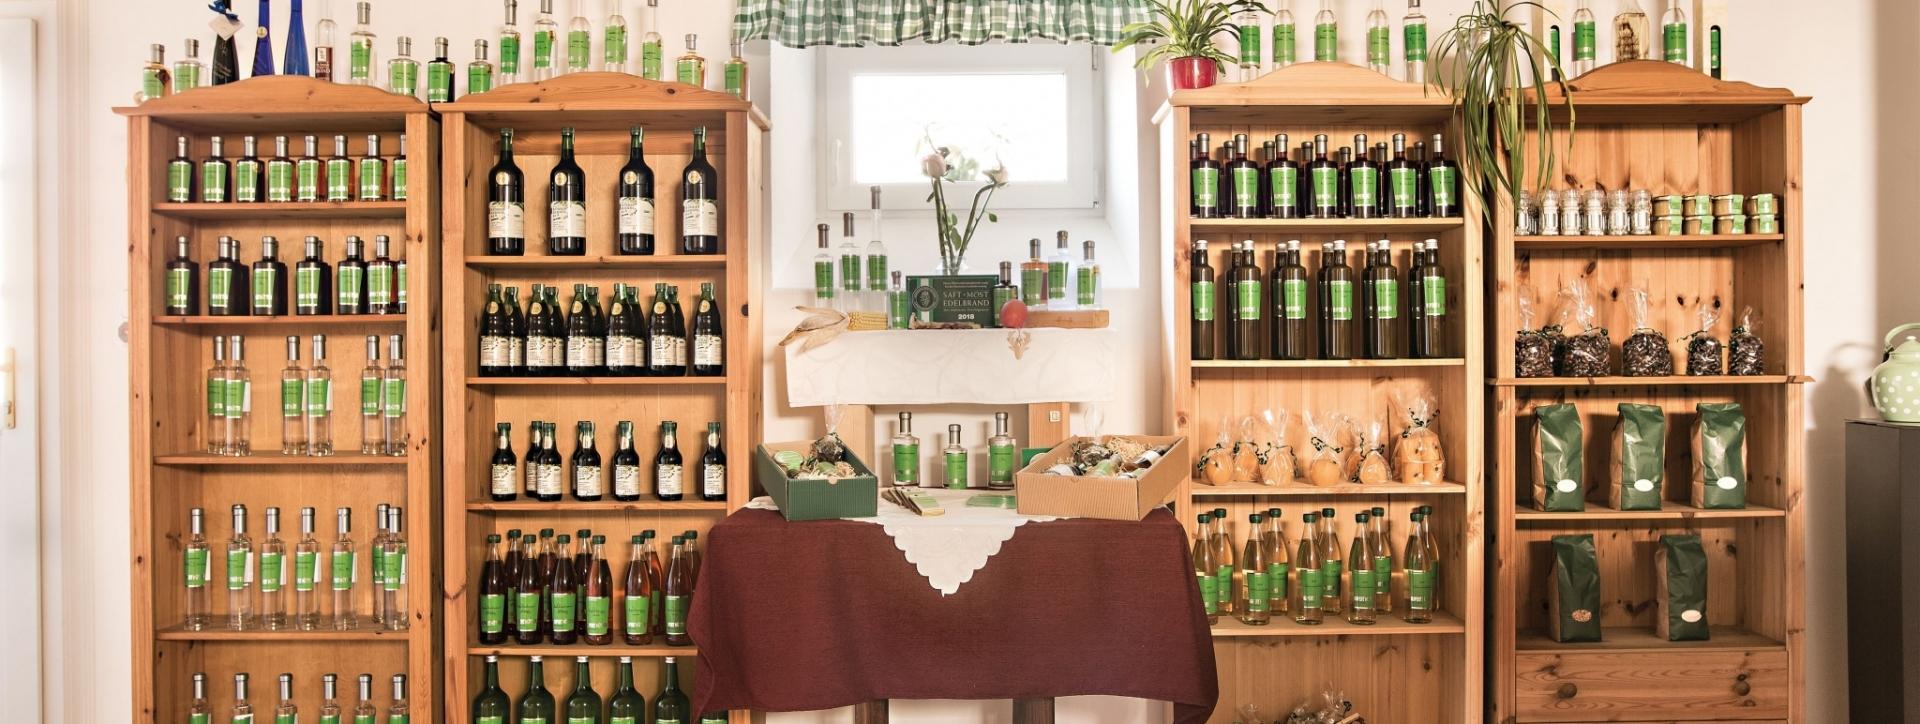 Bauernladen Hütter